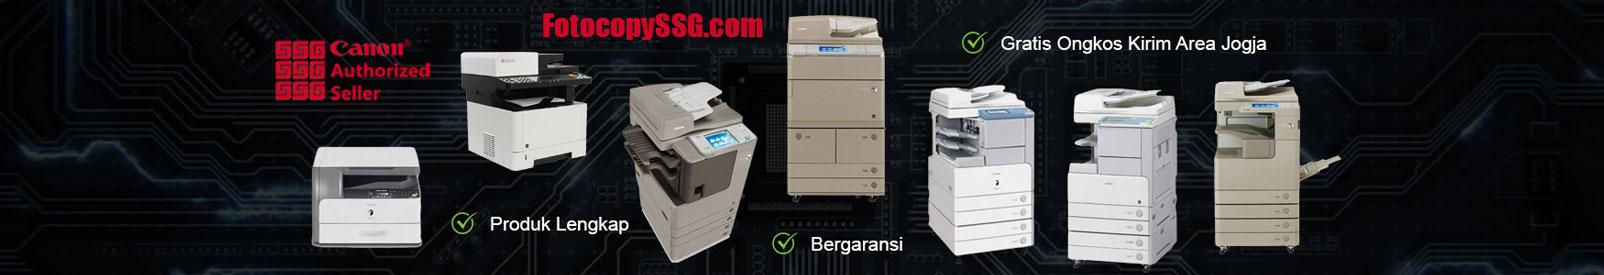 jual mesin fotocopy canon dan kyocera di jogja